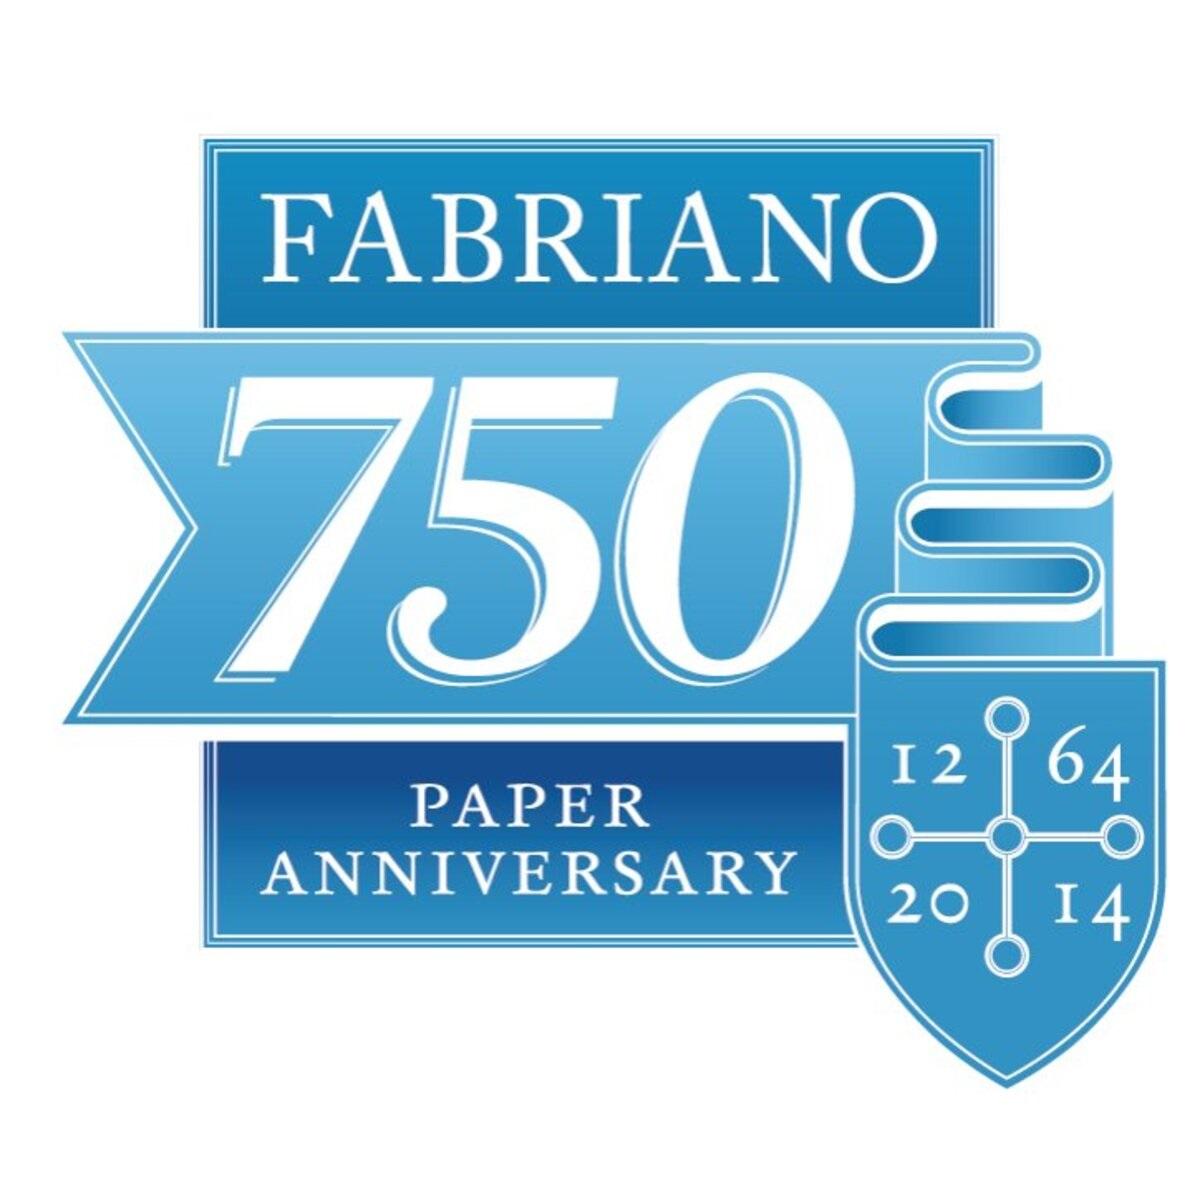 Fabriano-750.www